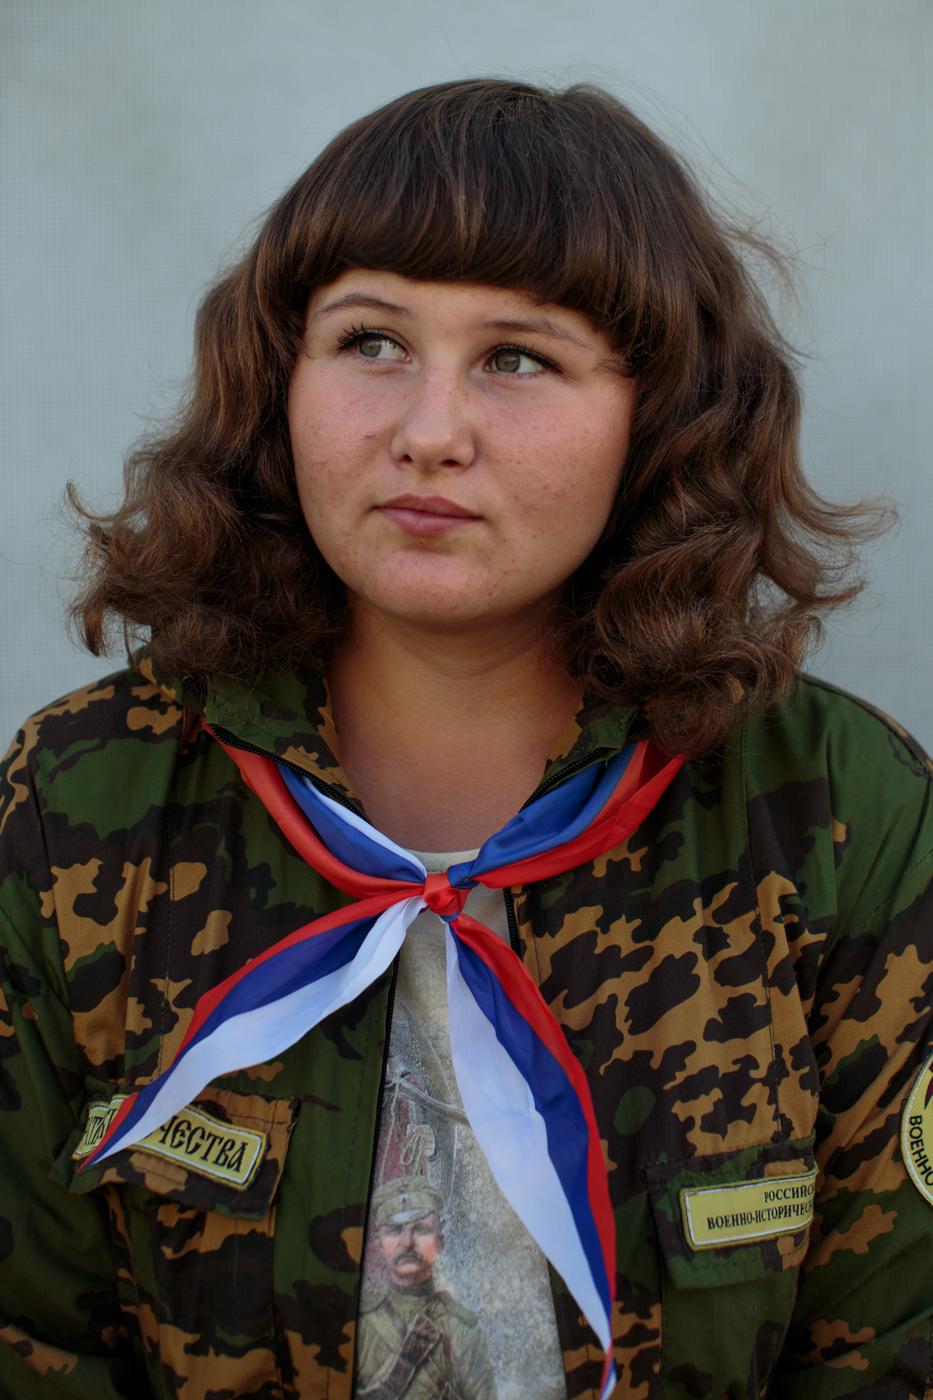 Blesener_Russia_05.jpg